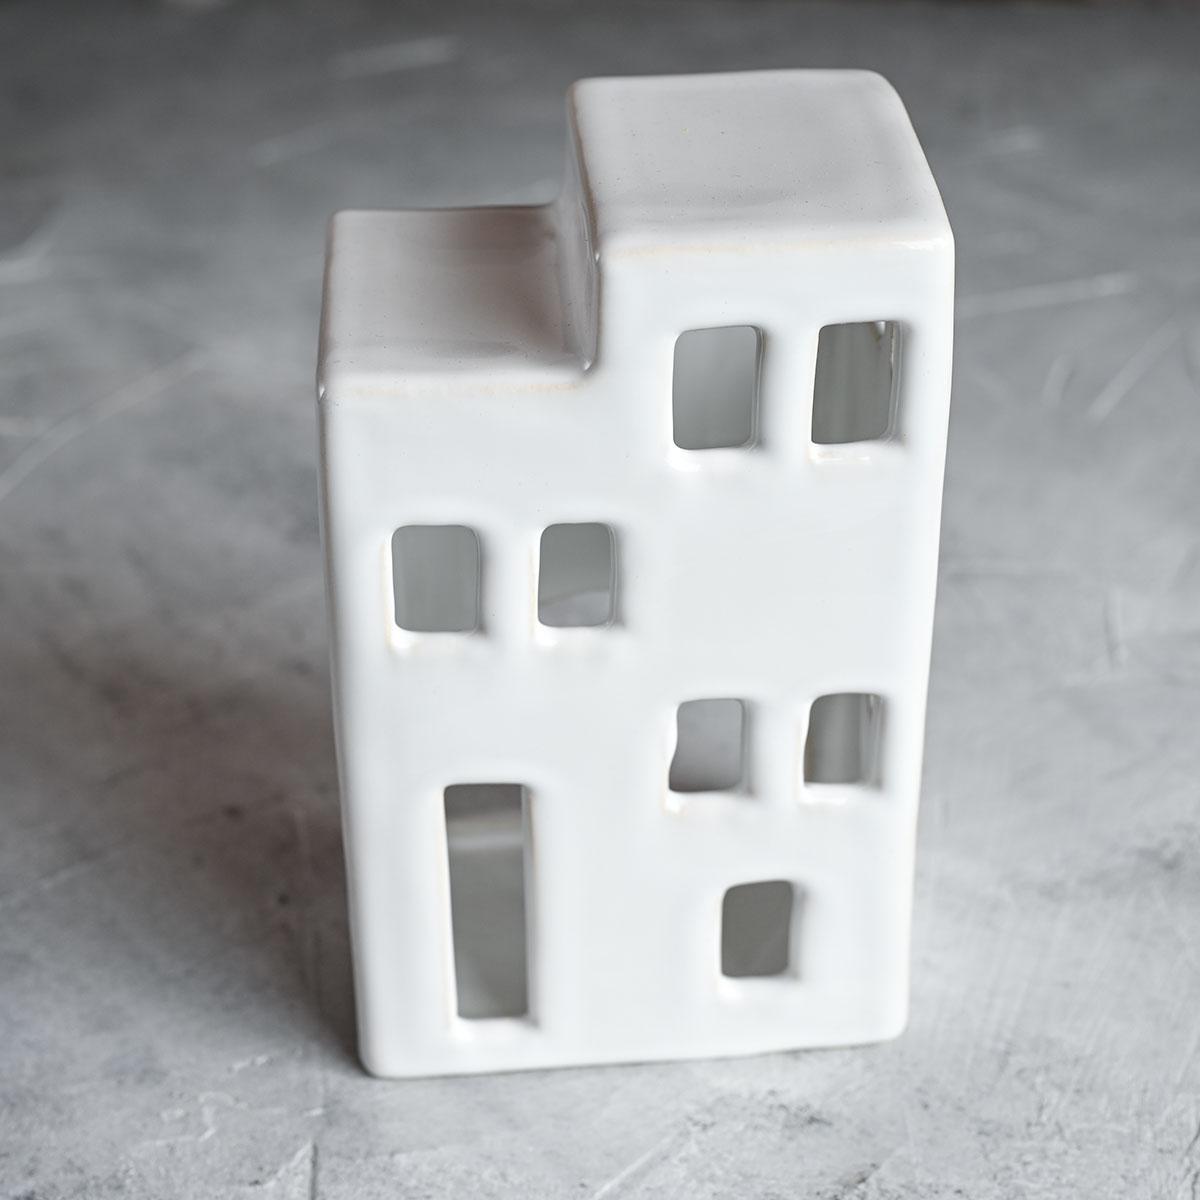 """картинка Керамический подсвечник """"Дом"""" многоэтажка - DishWishes.Ru"""